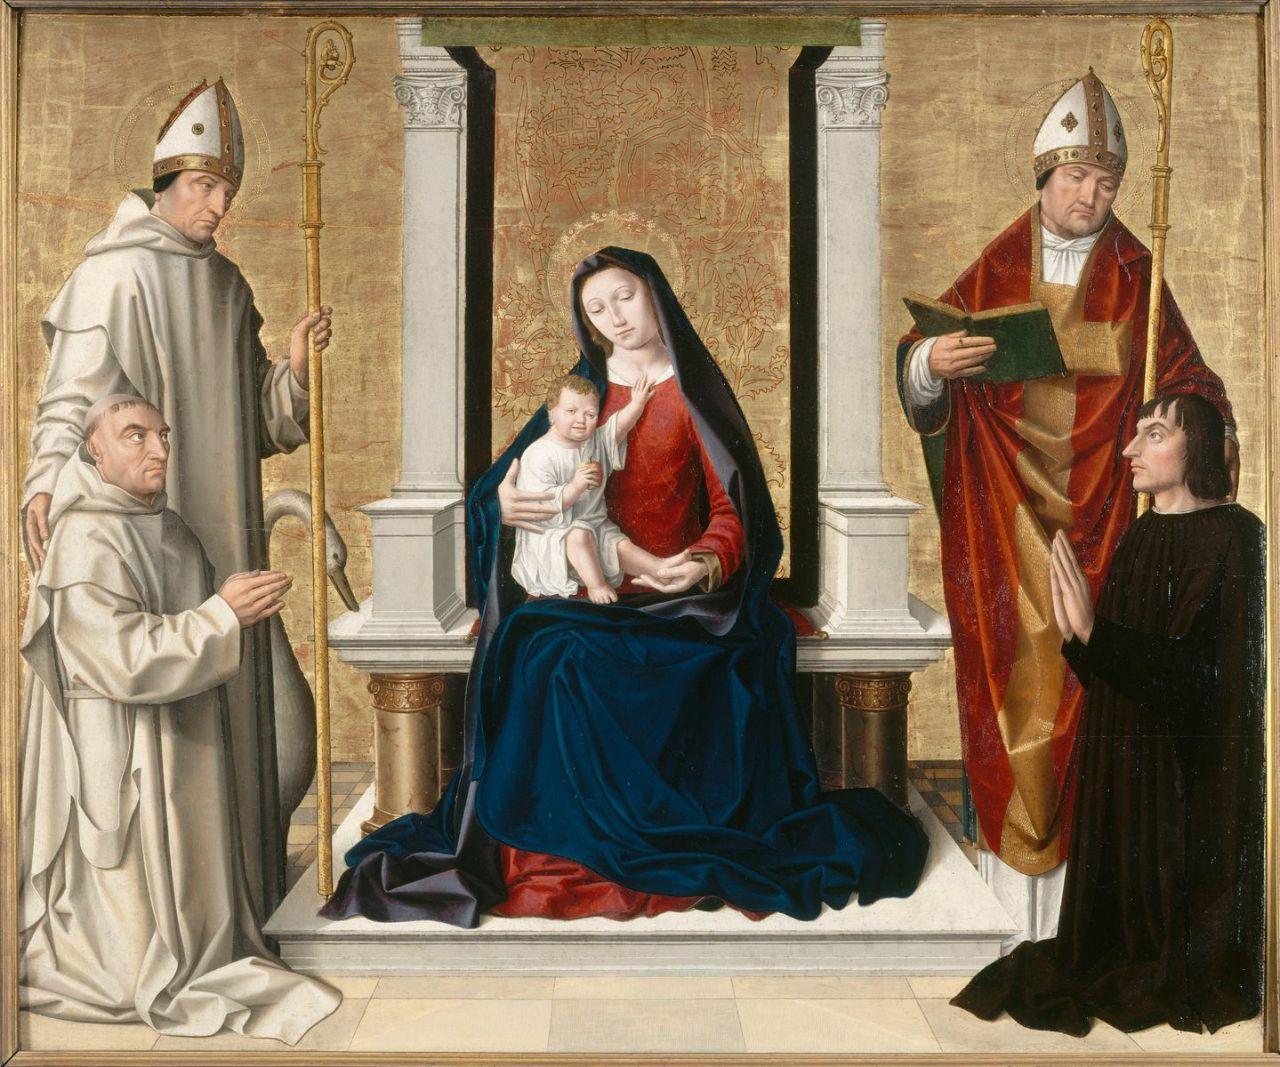 1500 ca Anonyme avignonnais Vierge a l'enfant avec St Hugues, St Ambroise, un chartreux et un laic Musee du Petit Palais Avignon